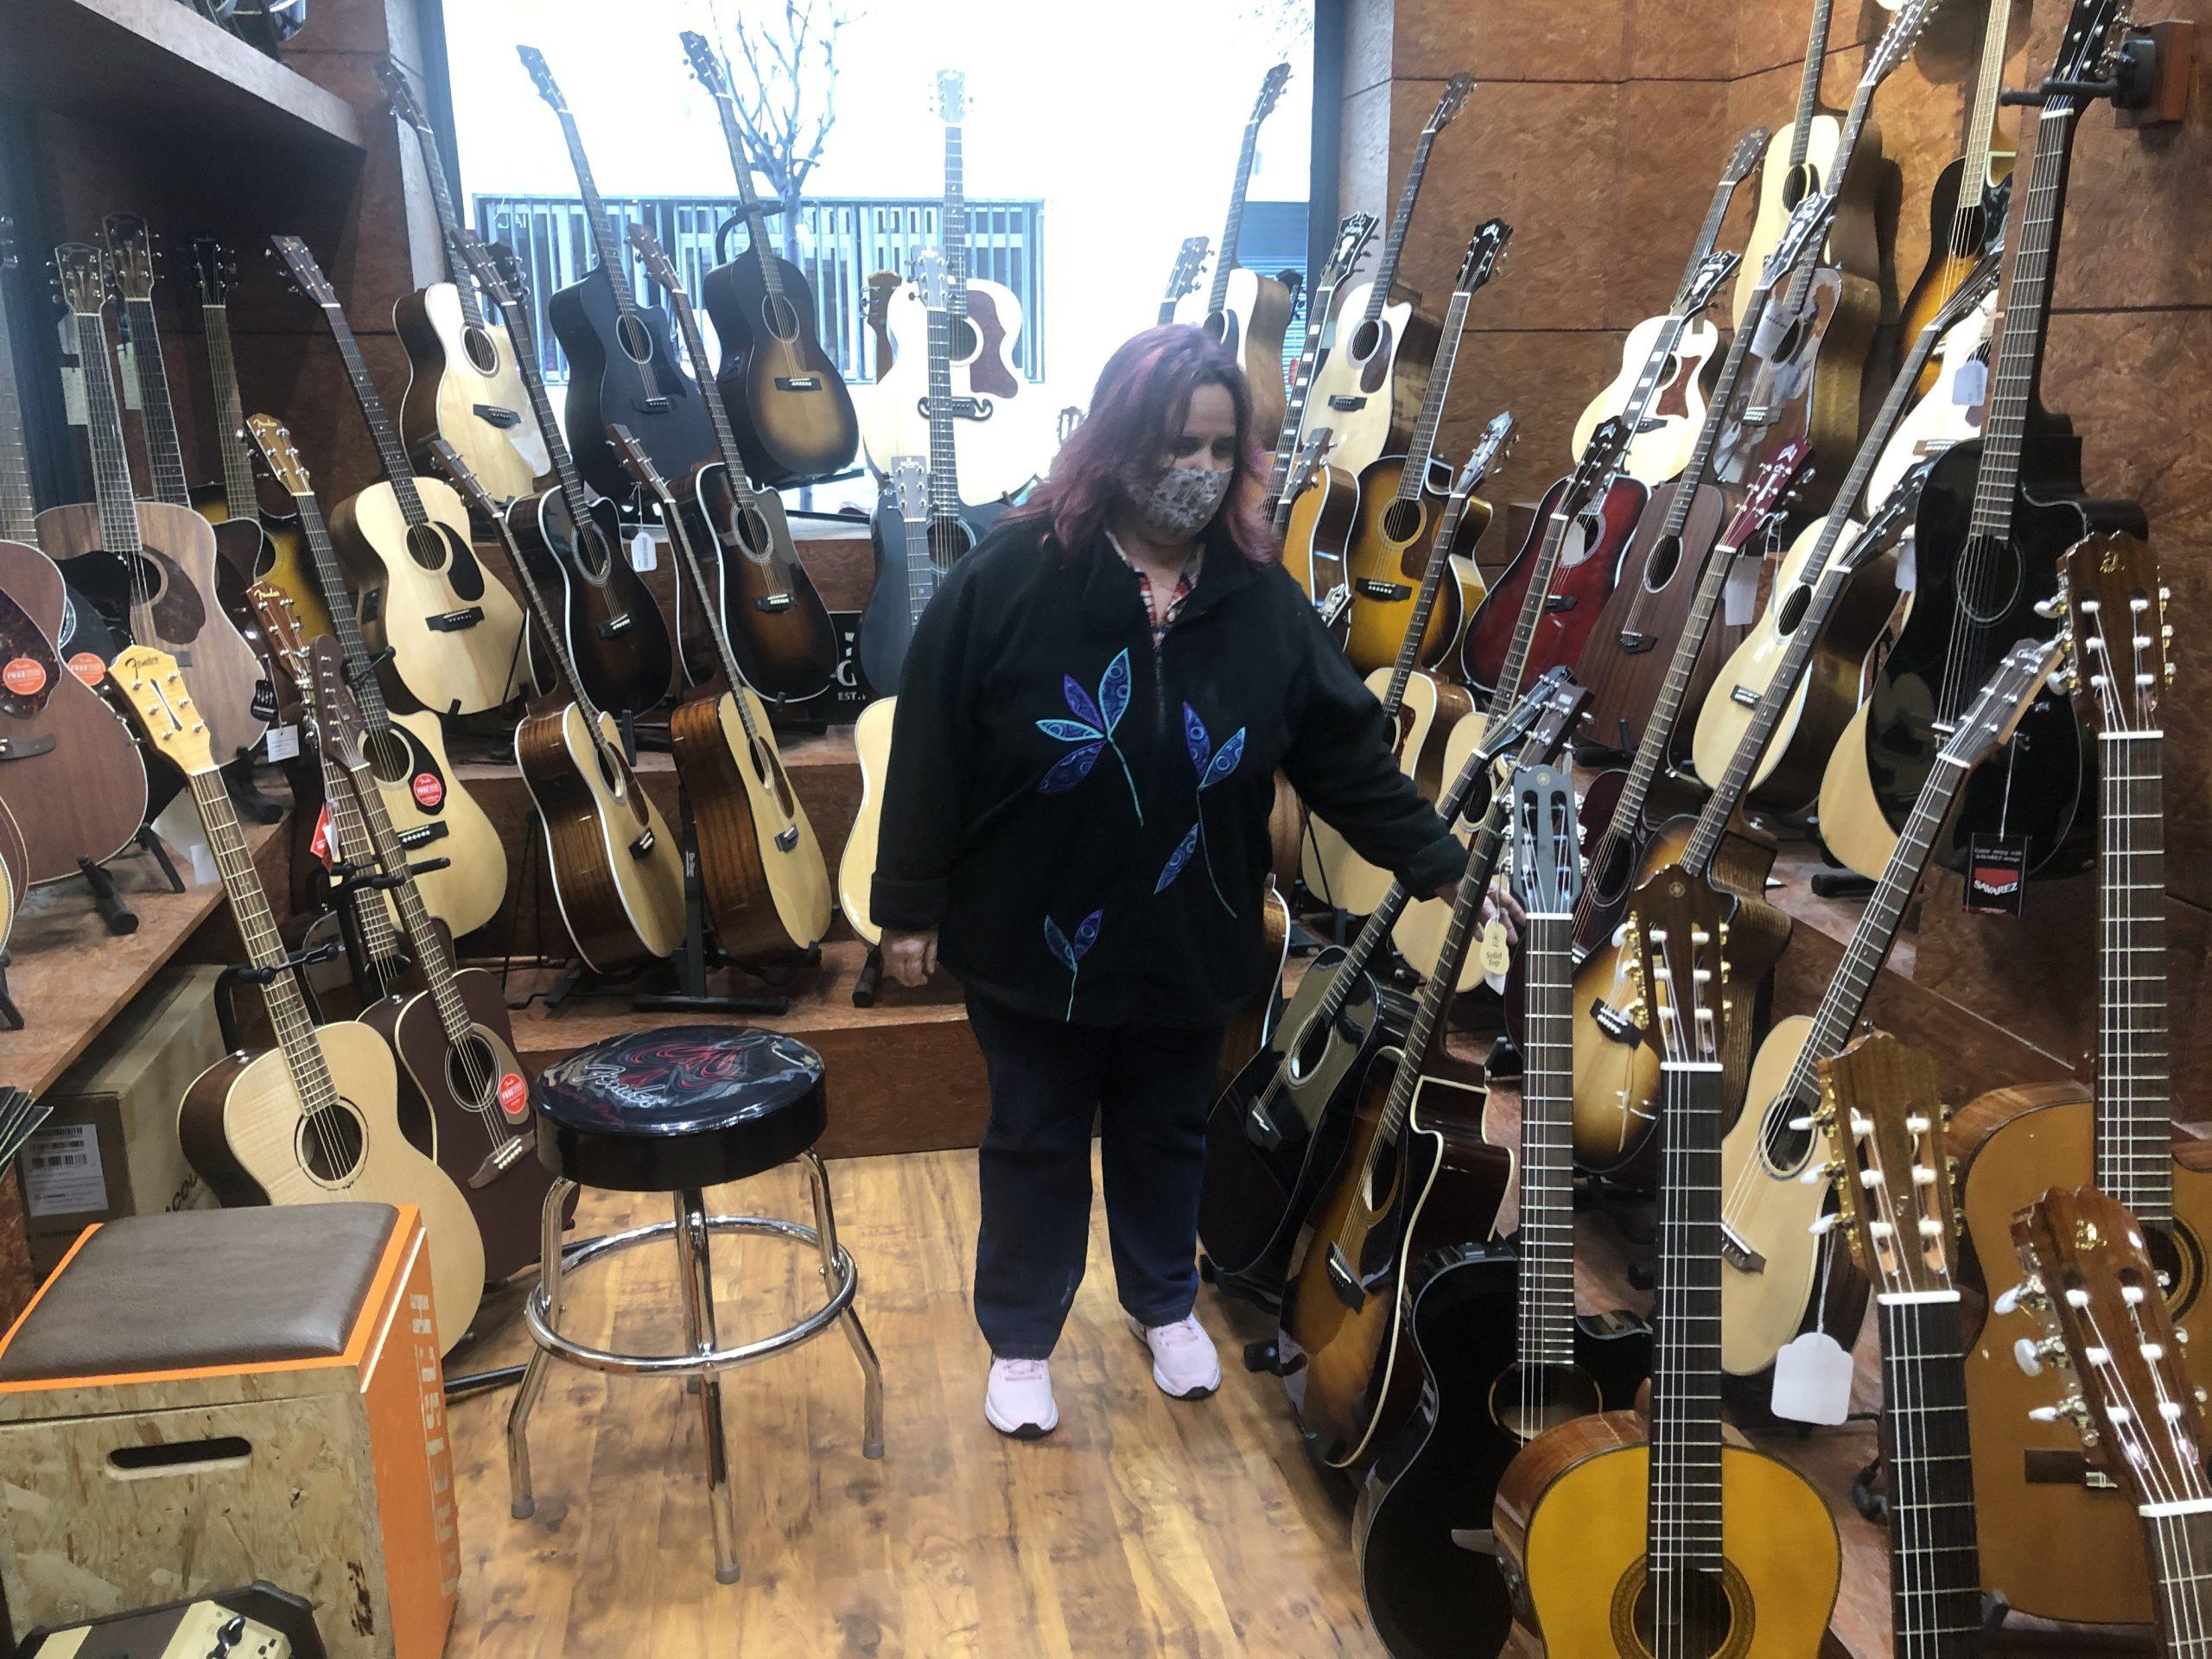 Salvi en una tienda rodeada de guitarras.